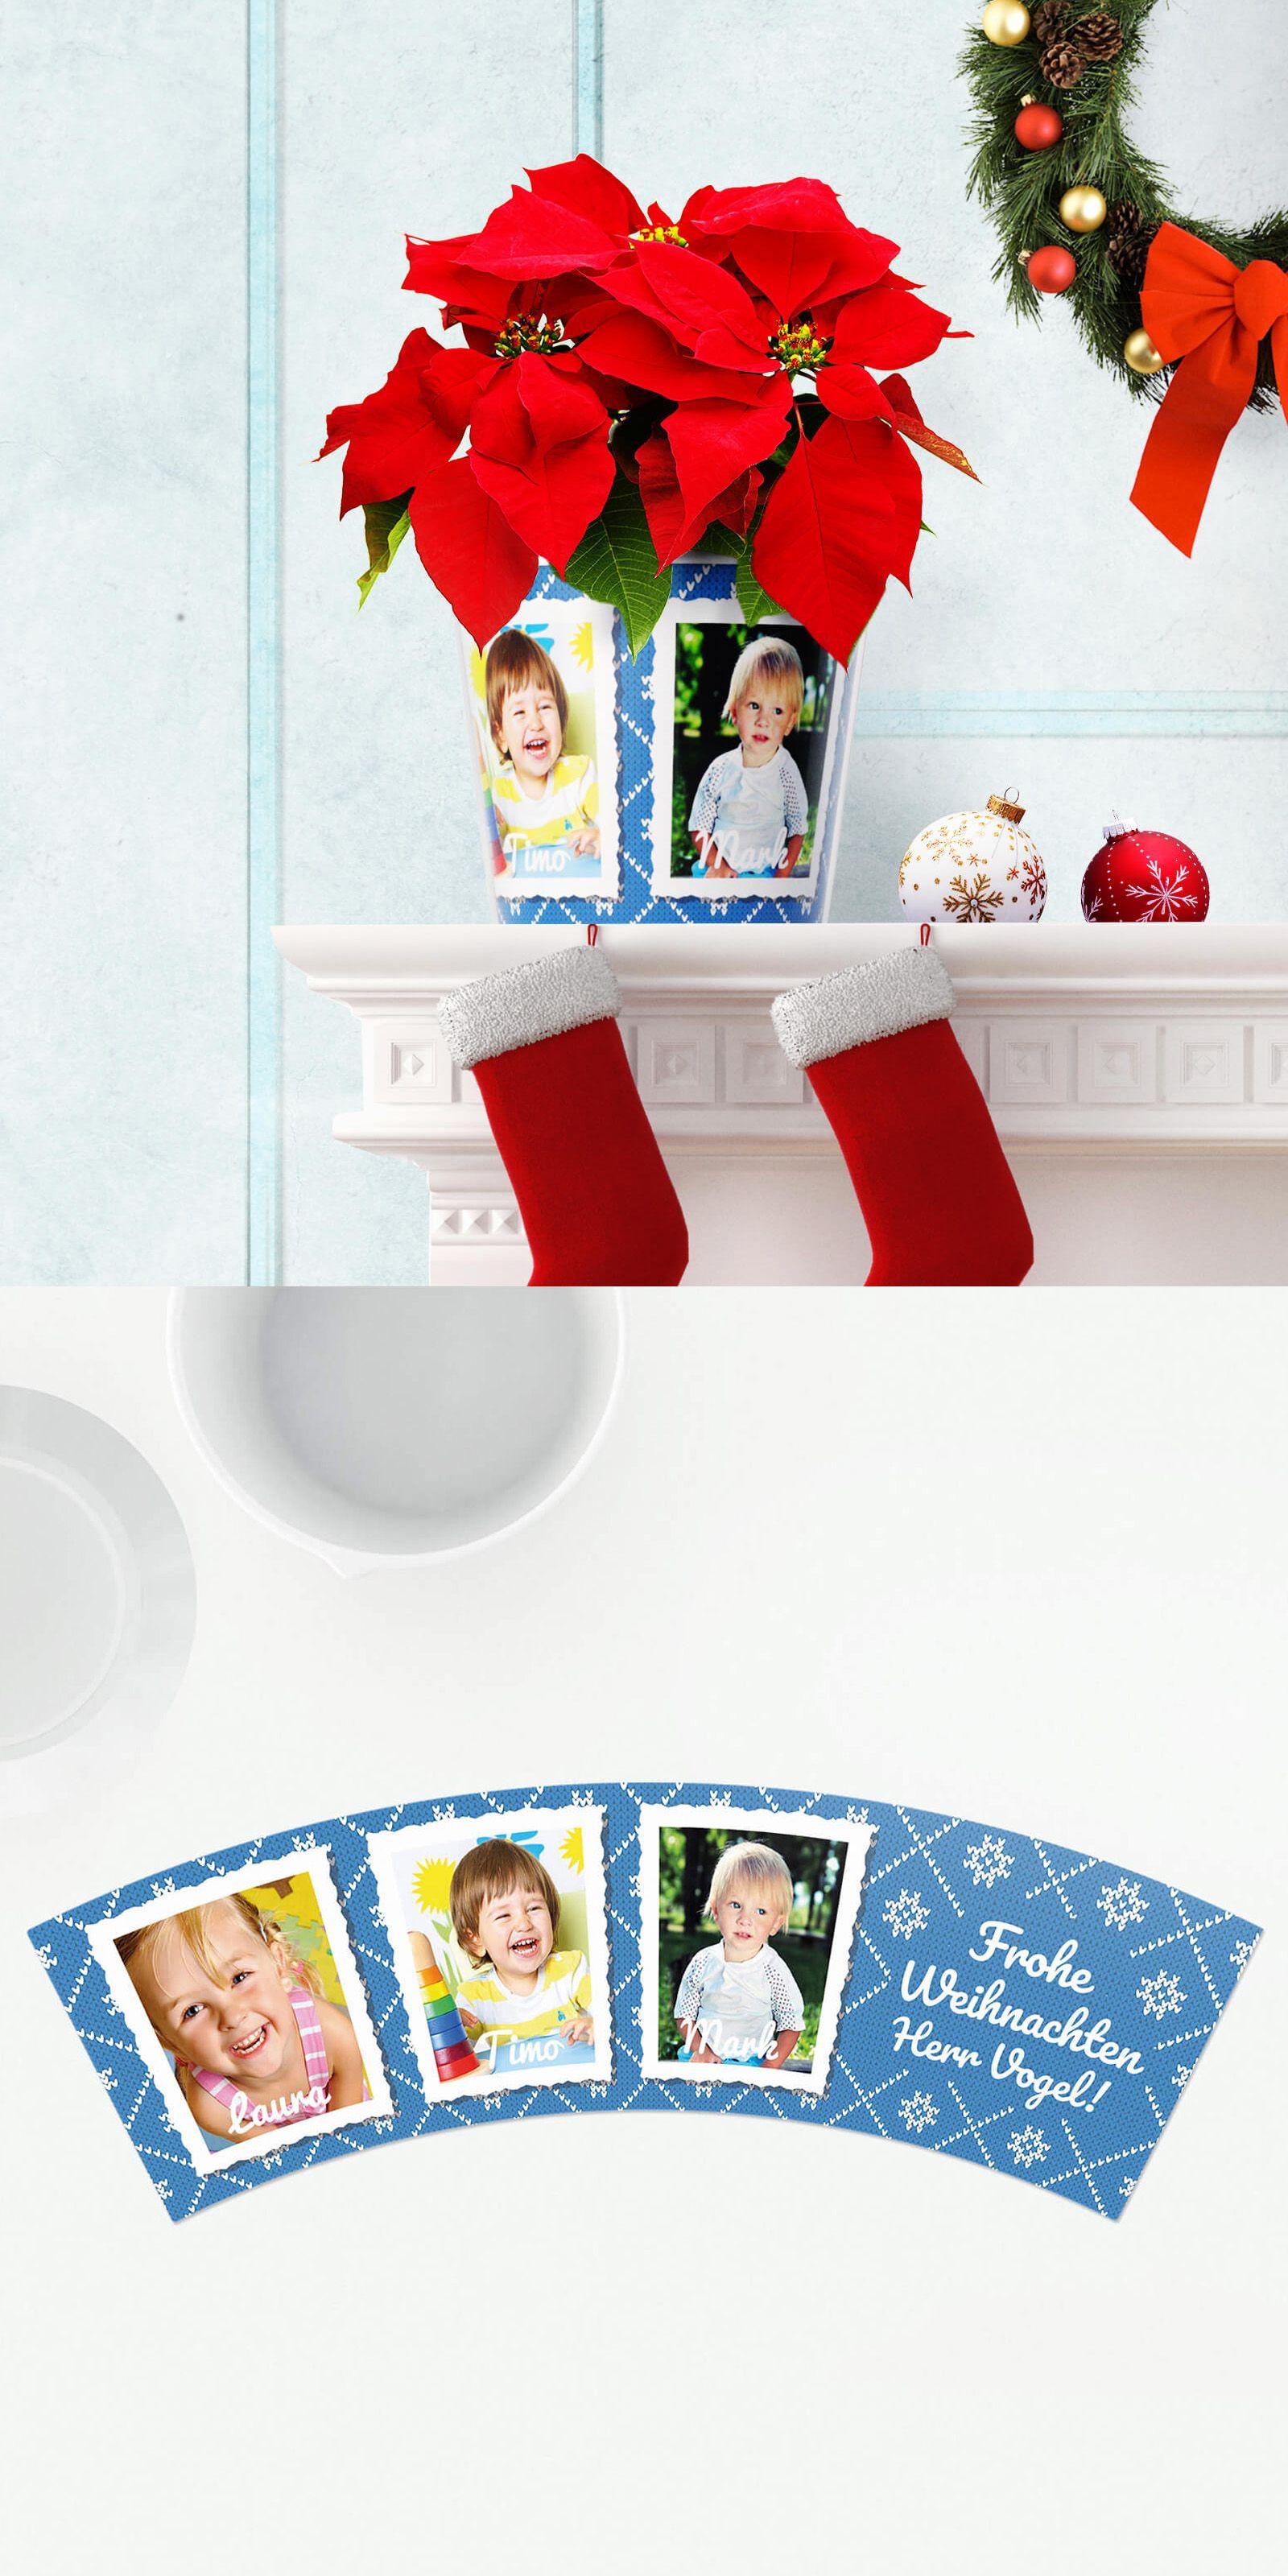 Lehrer Weihnachtsgeschenk Topf mit 3 Fotos 🌟🌲 Schöne Idee von ...